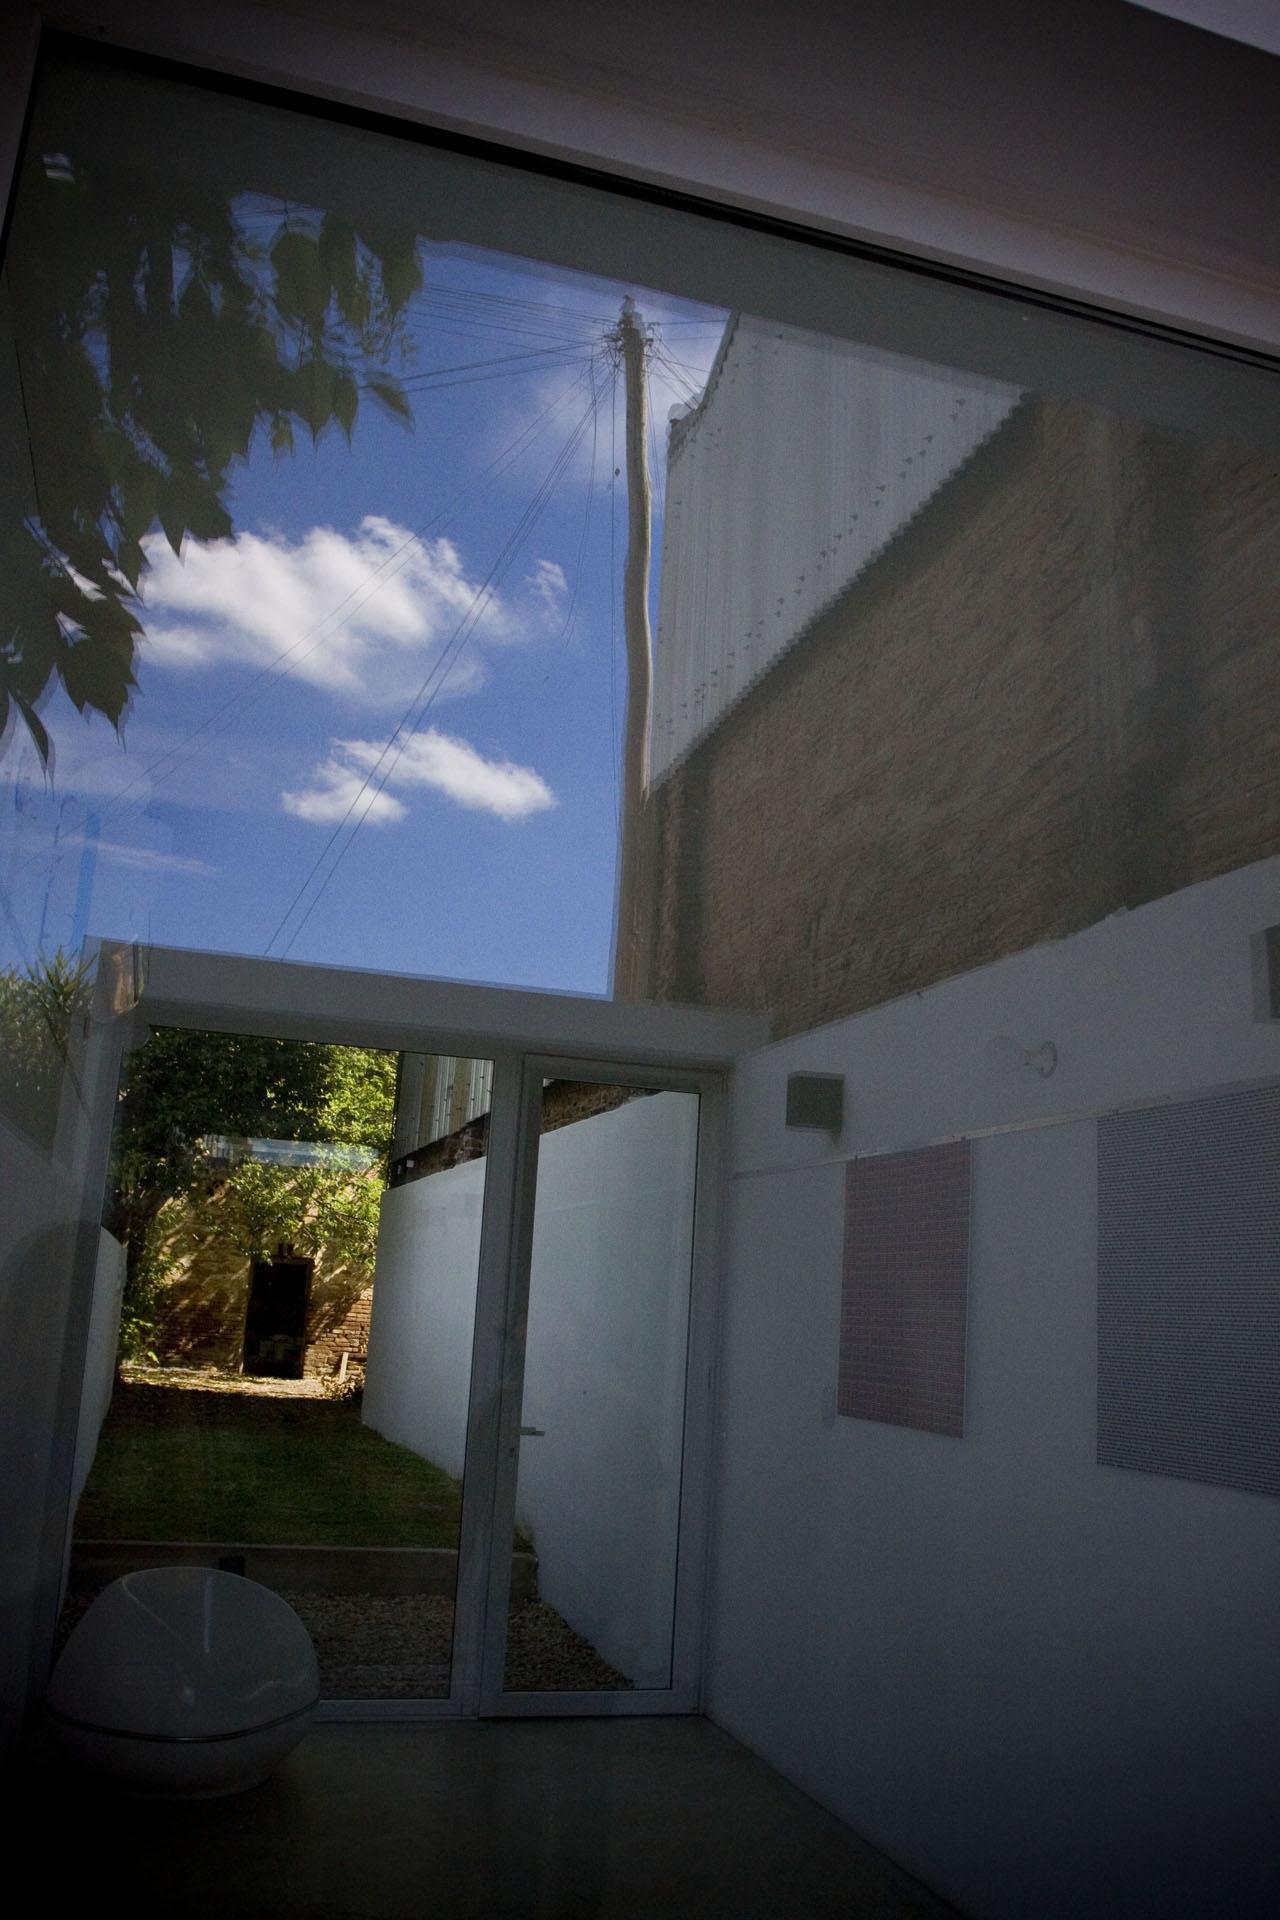 Galeria estudio de p tios estudio 2ag arquitectos 8 - Estudio de arquitectos ...